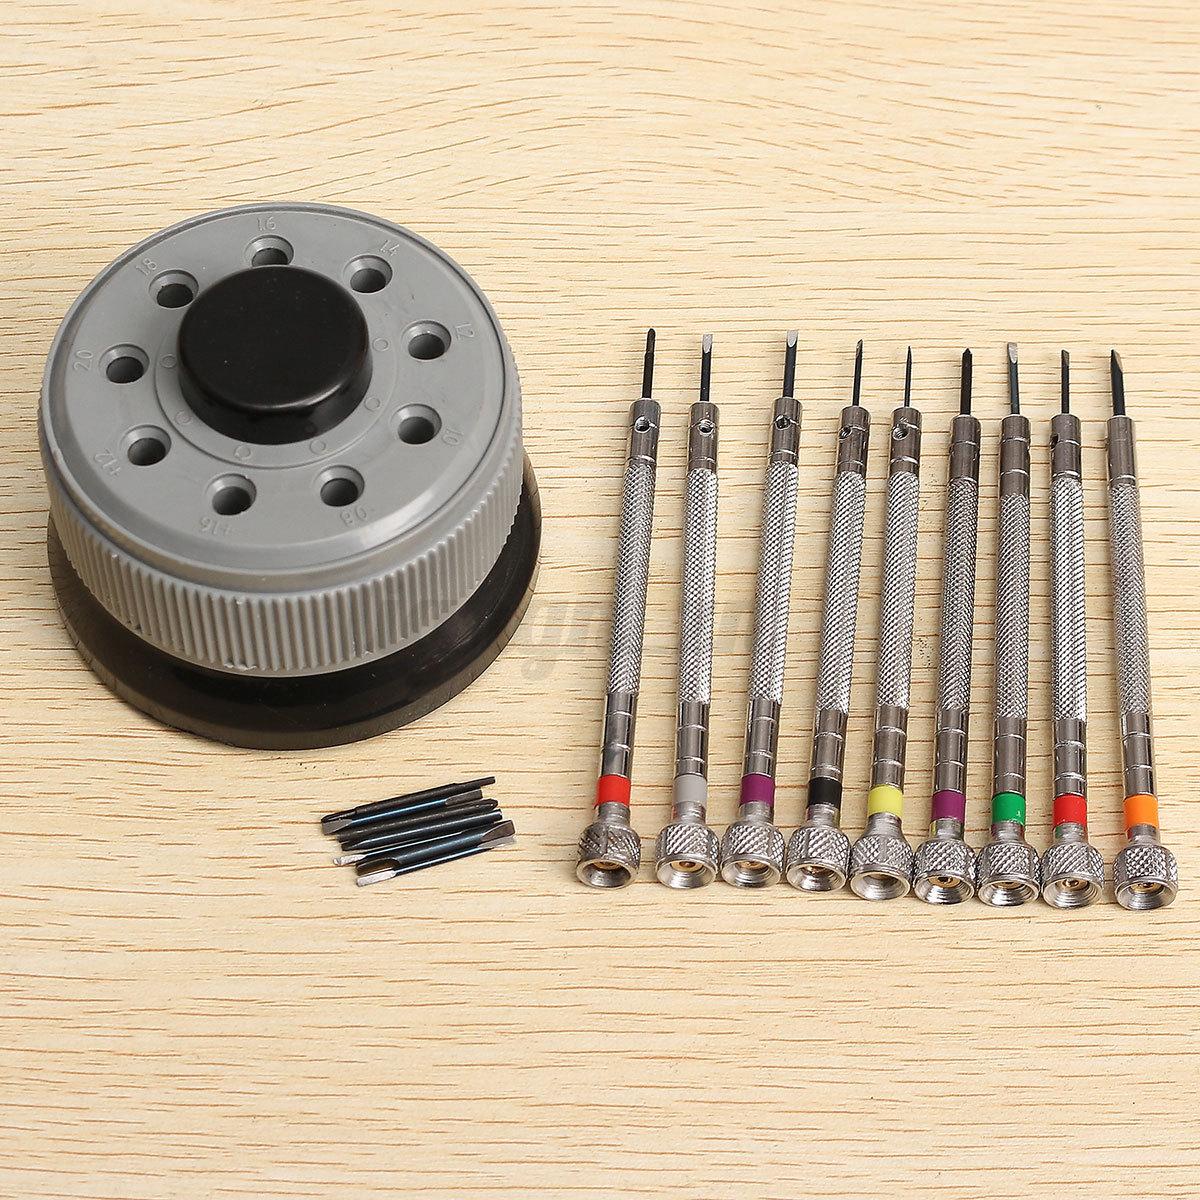 kit 9pcs tournevis pr cision outil r paration montre horloger screwdriver base ebay. Black Bedroom Furniture Sets. Home Design Ideas